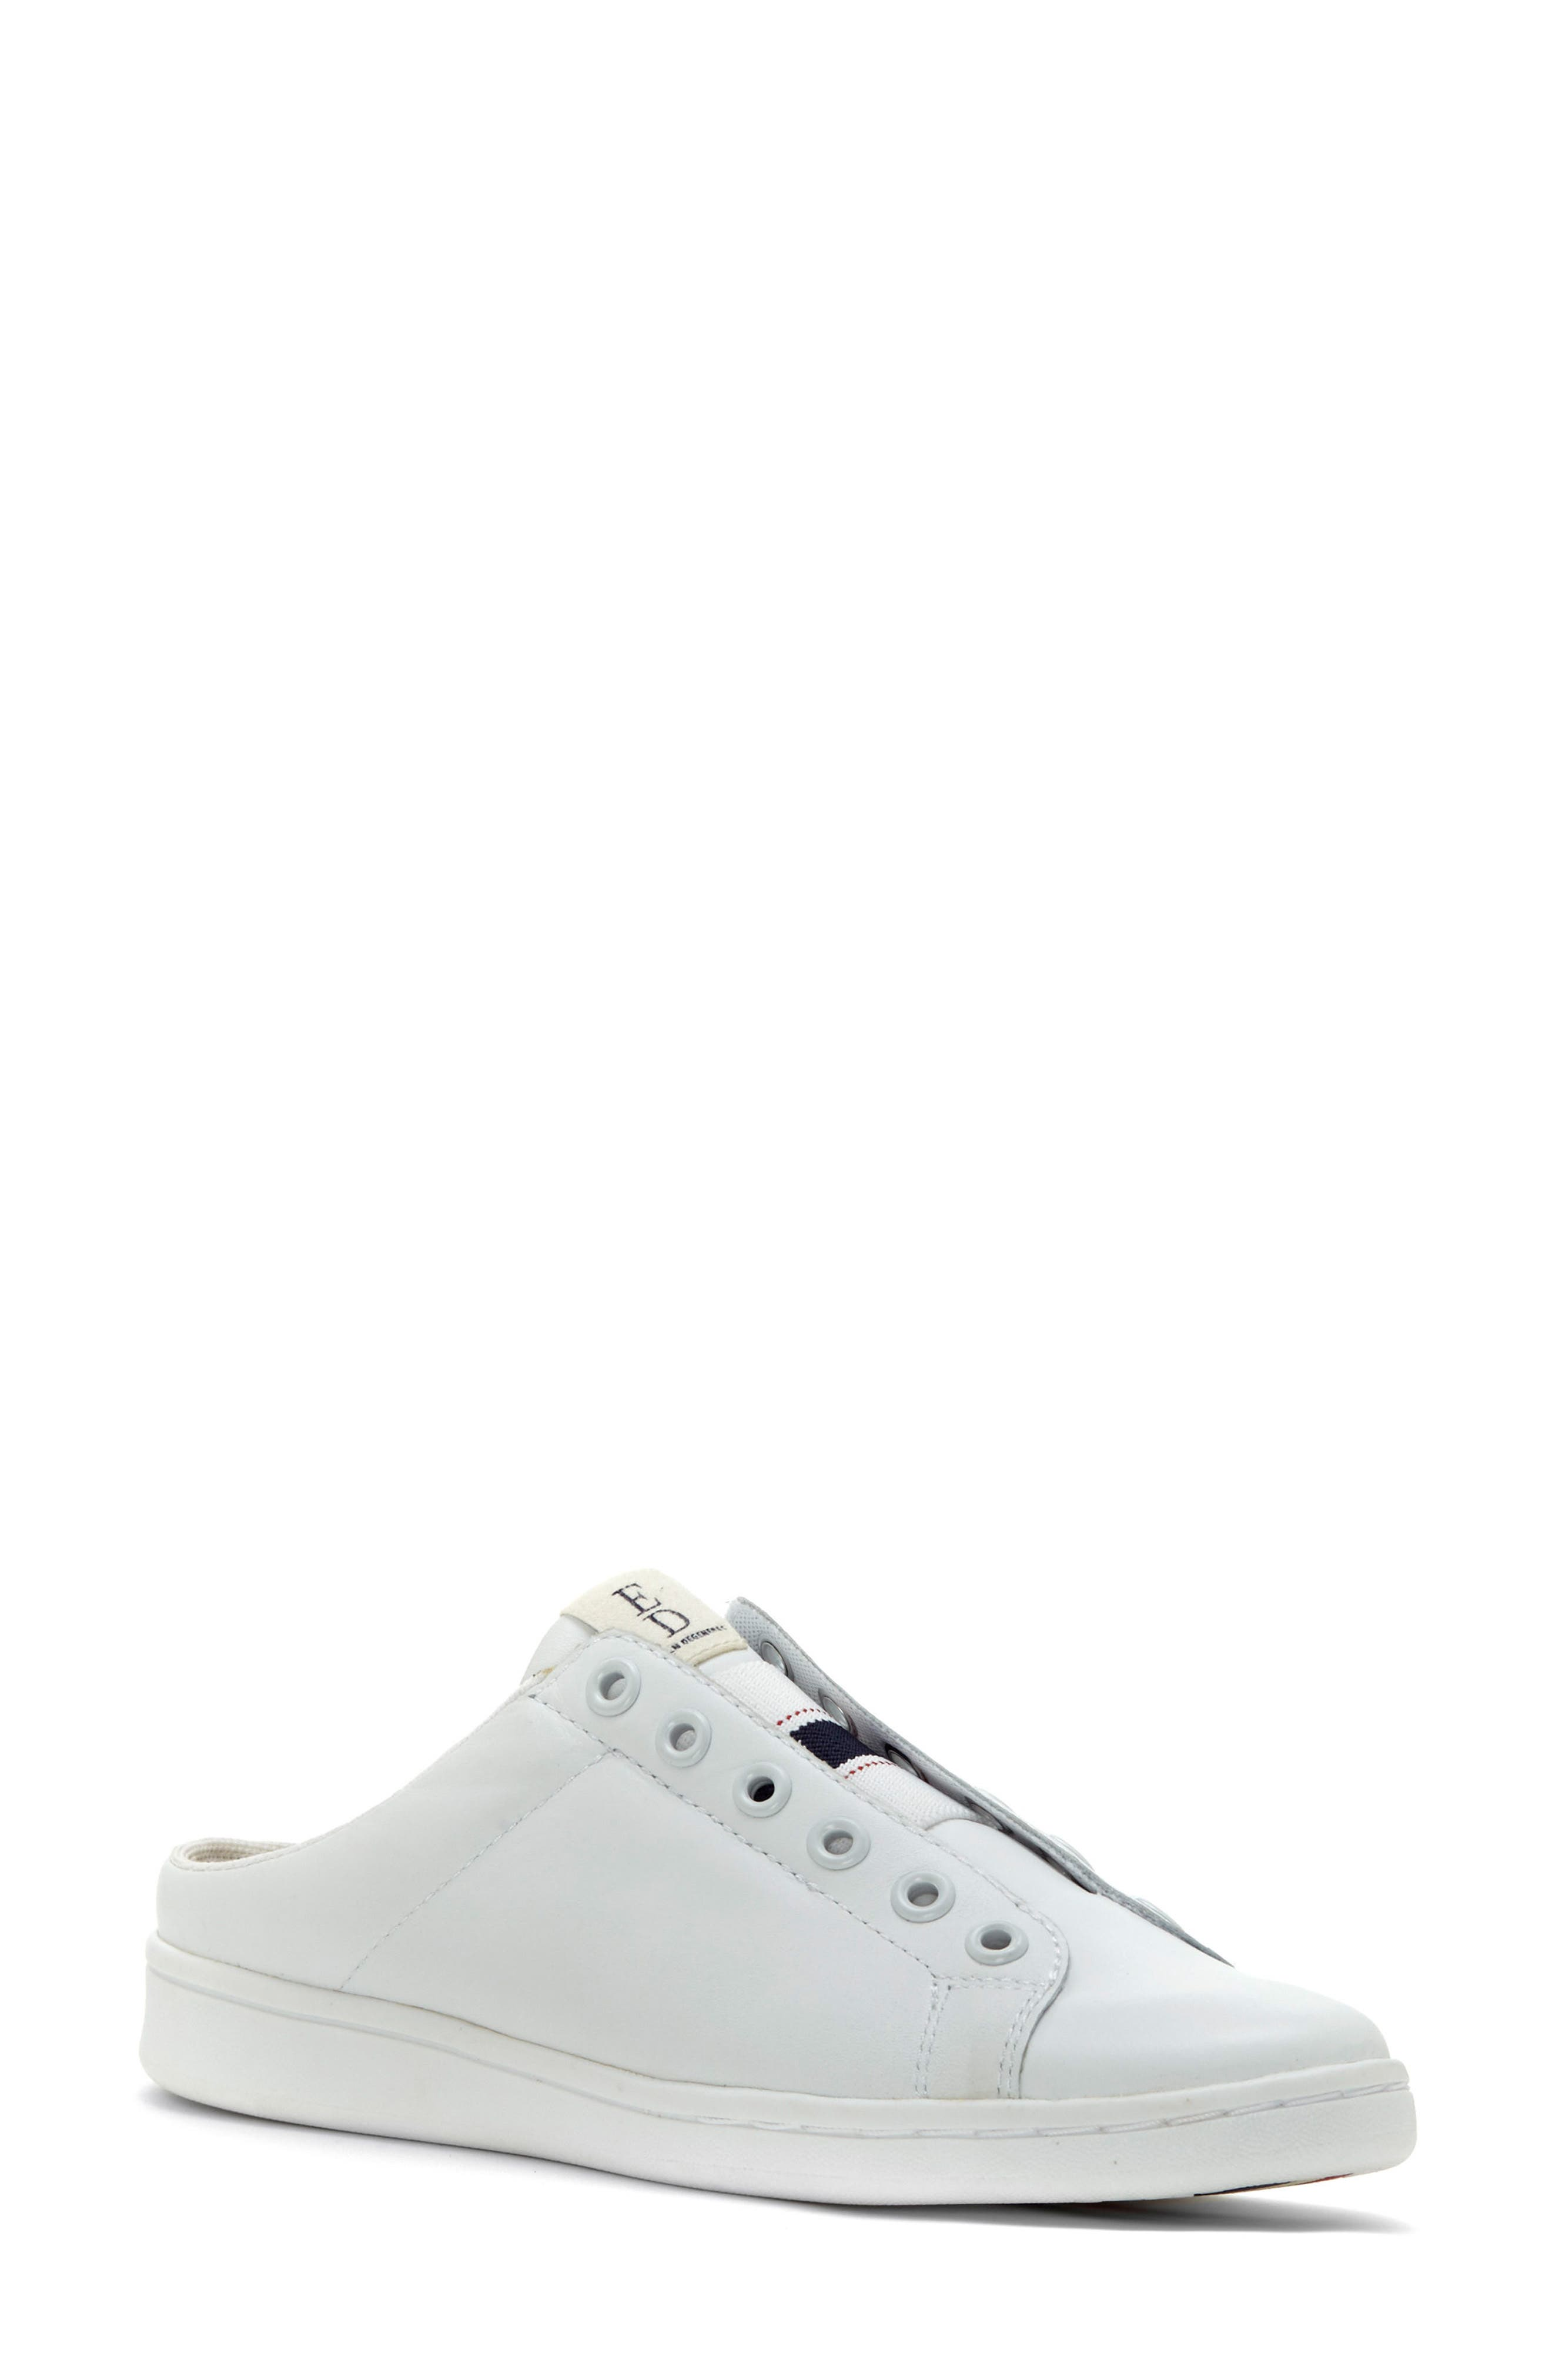 ED ELLEN DEGENERES Chapamule Slide Sneaker